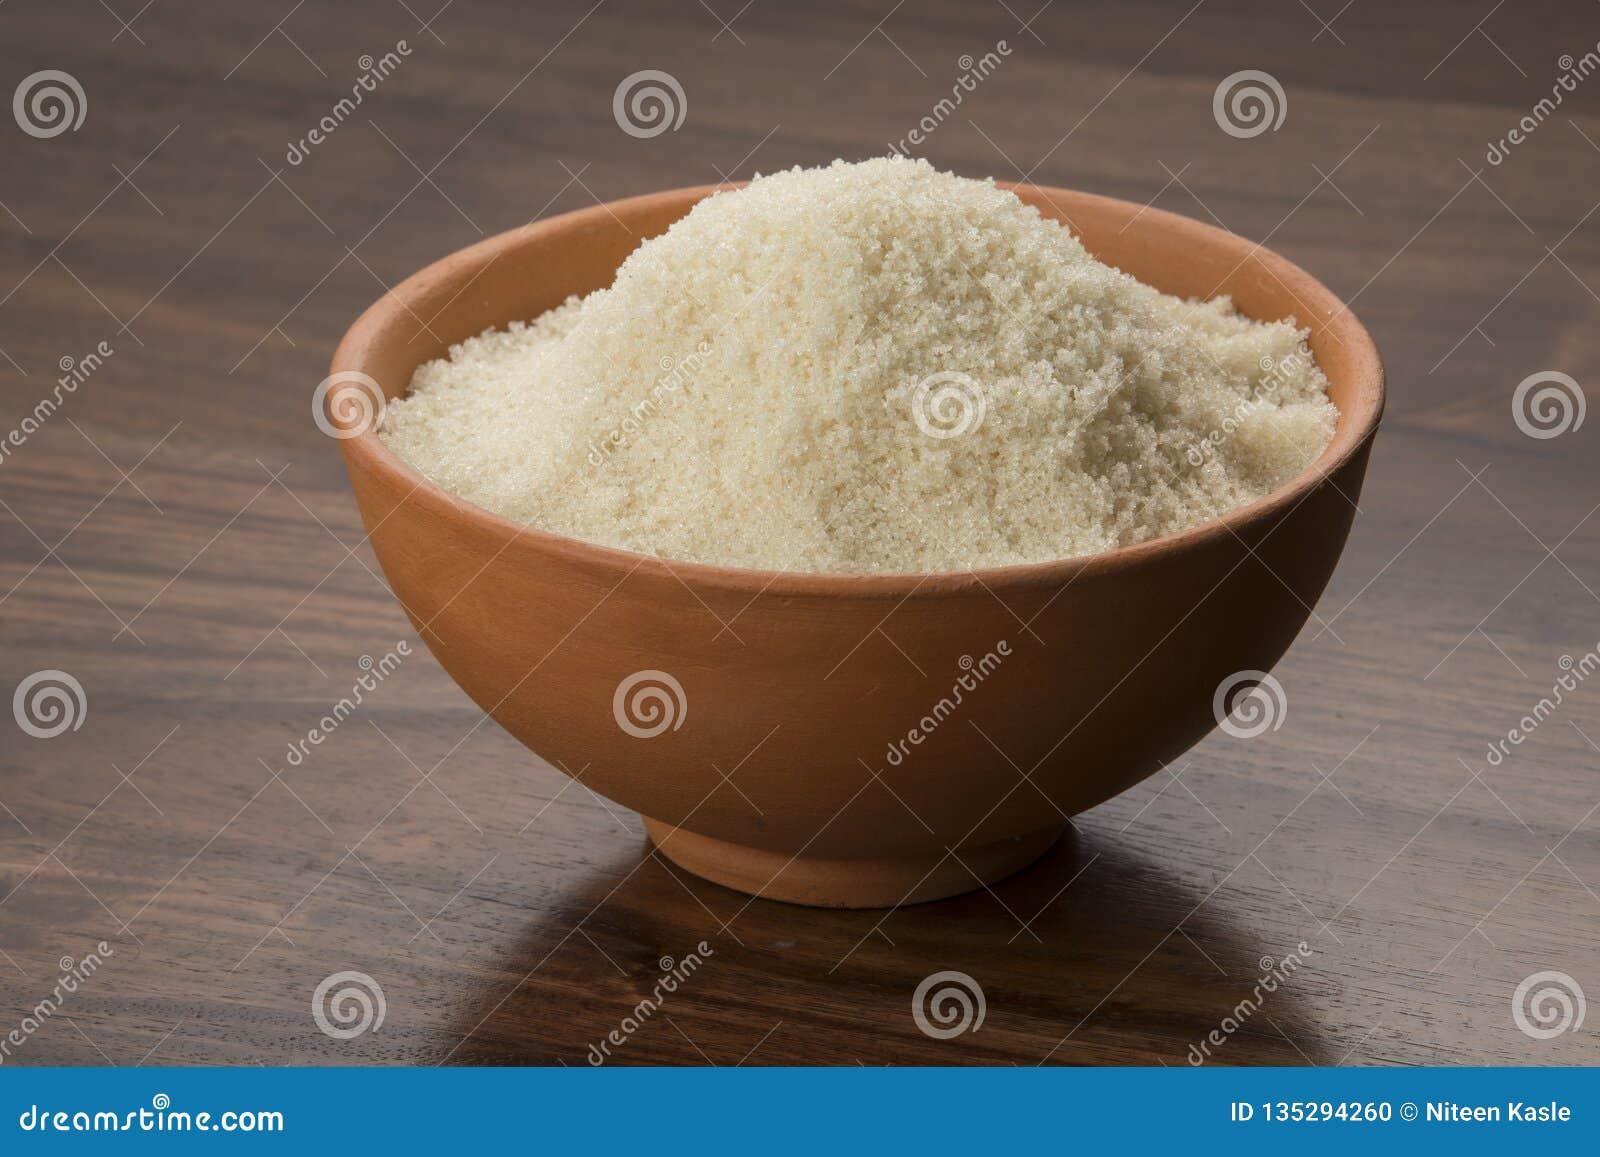 Jedzenie: Surowy Unrefined trzcina cukier w Earthen pucharze na Drewnianym tle Strzelającym w studiu